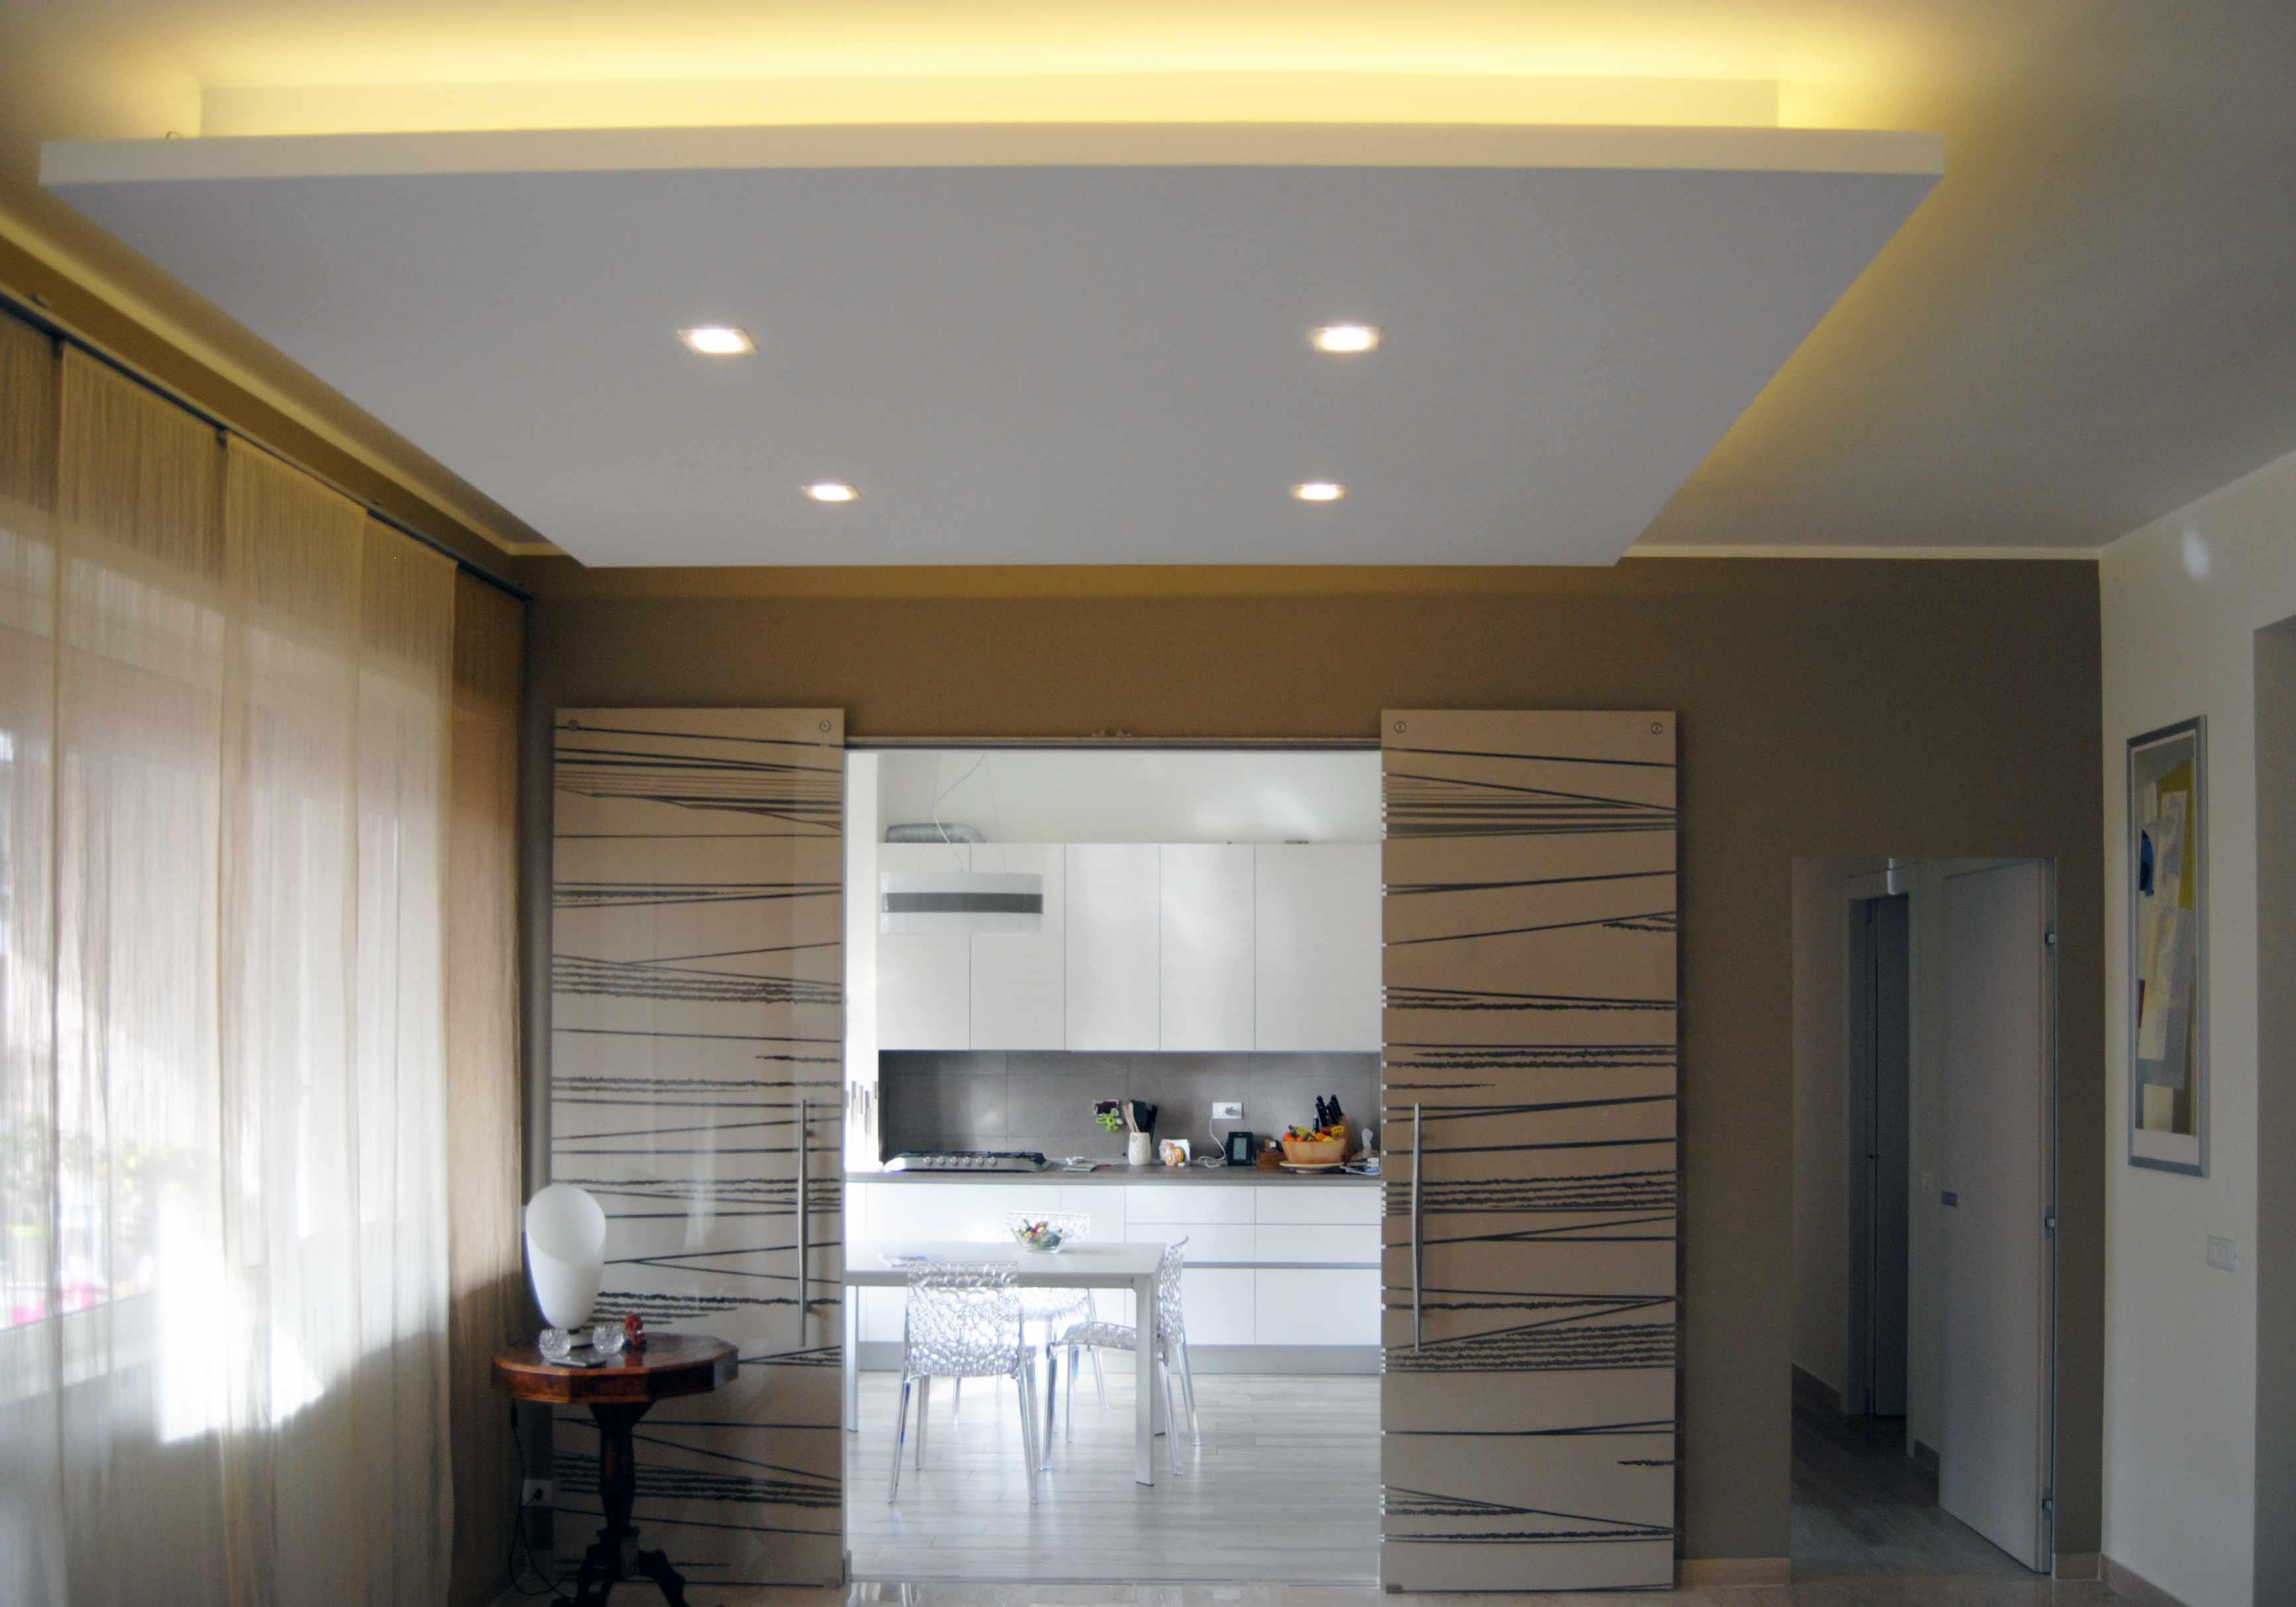 Ristrutturazione appartamento in zona nuovo salario roma for Ristrutturazione appartamento roma